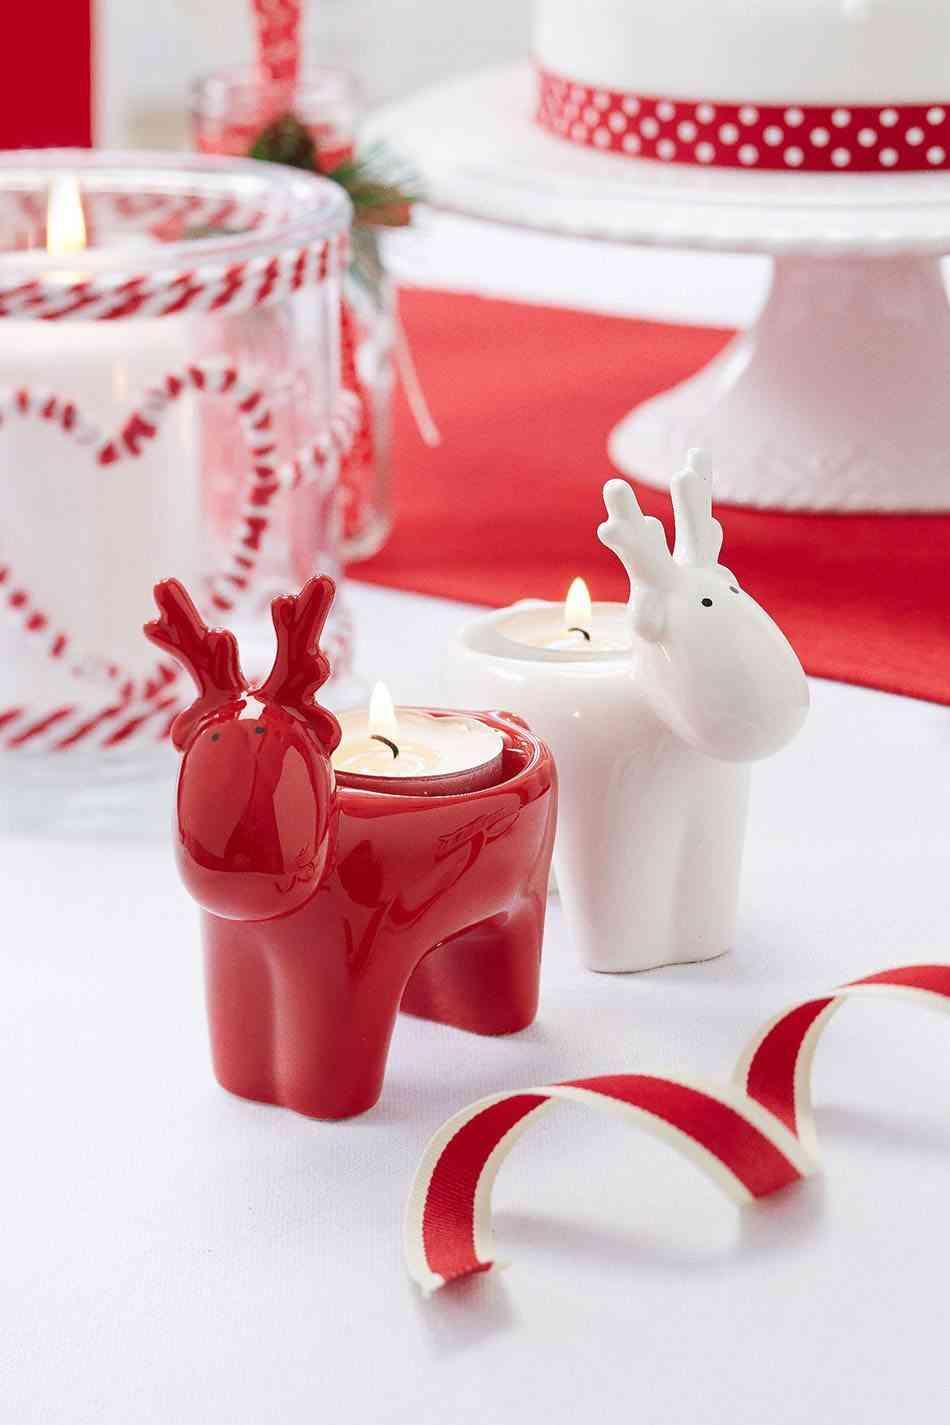 decoración con velas de Navidad tch portavelas reno